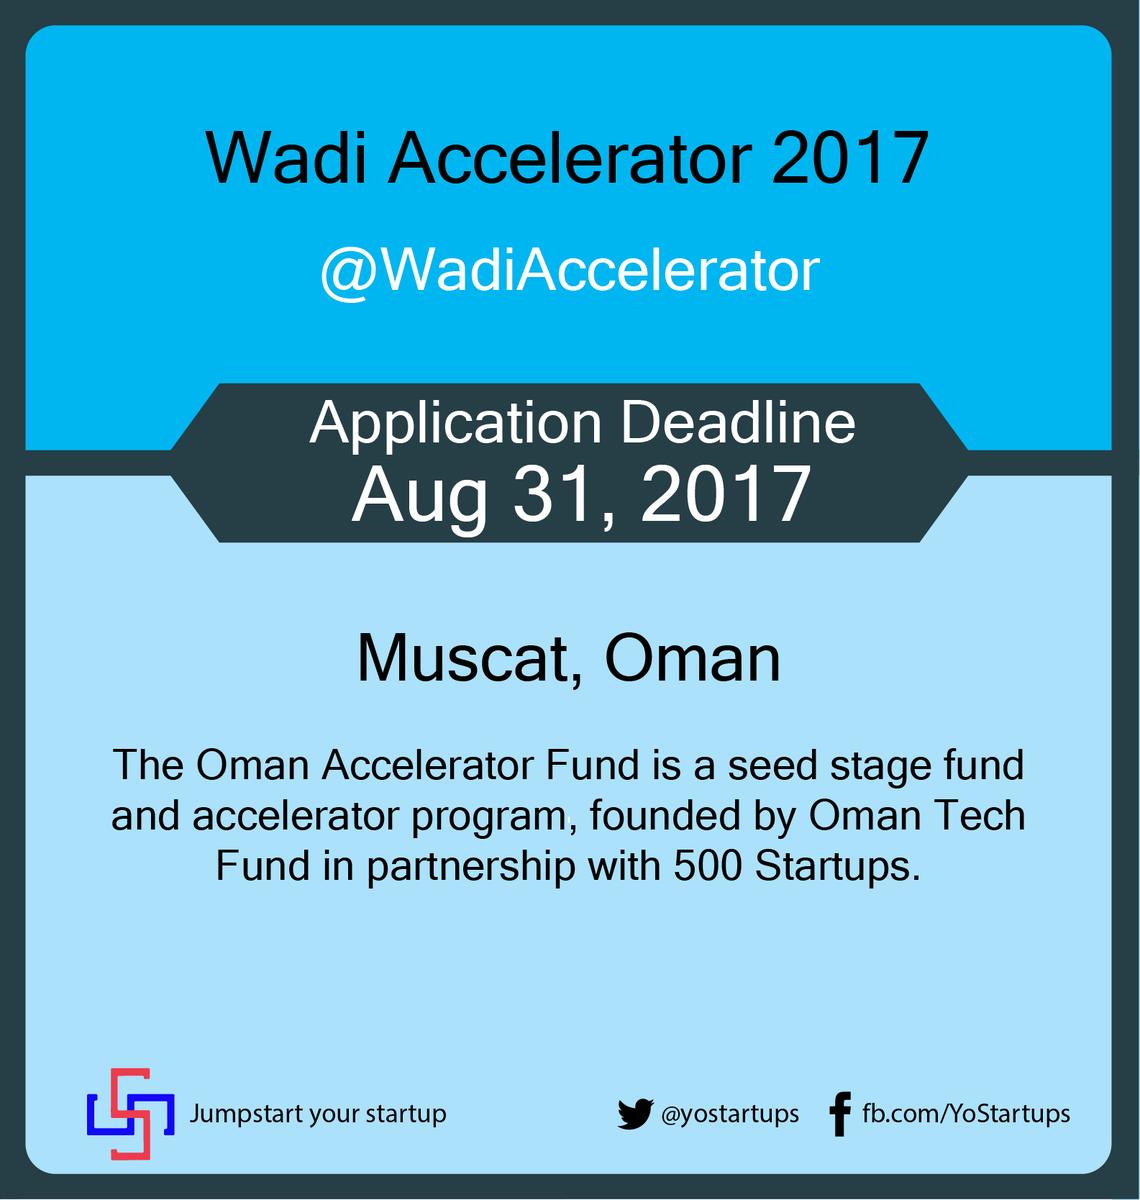 Checkout @WadiAccelerator investing &amp; accelerating technology-based #startups #accelerator #YoStartups  https:// goo.gl/NzTr1z  &nbsp;  <br>http://pic.twitter.com/lKR7qi2klk